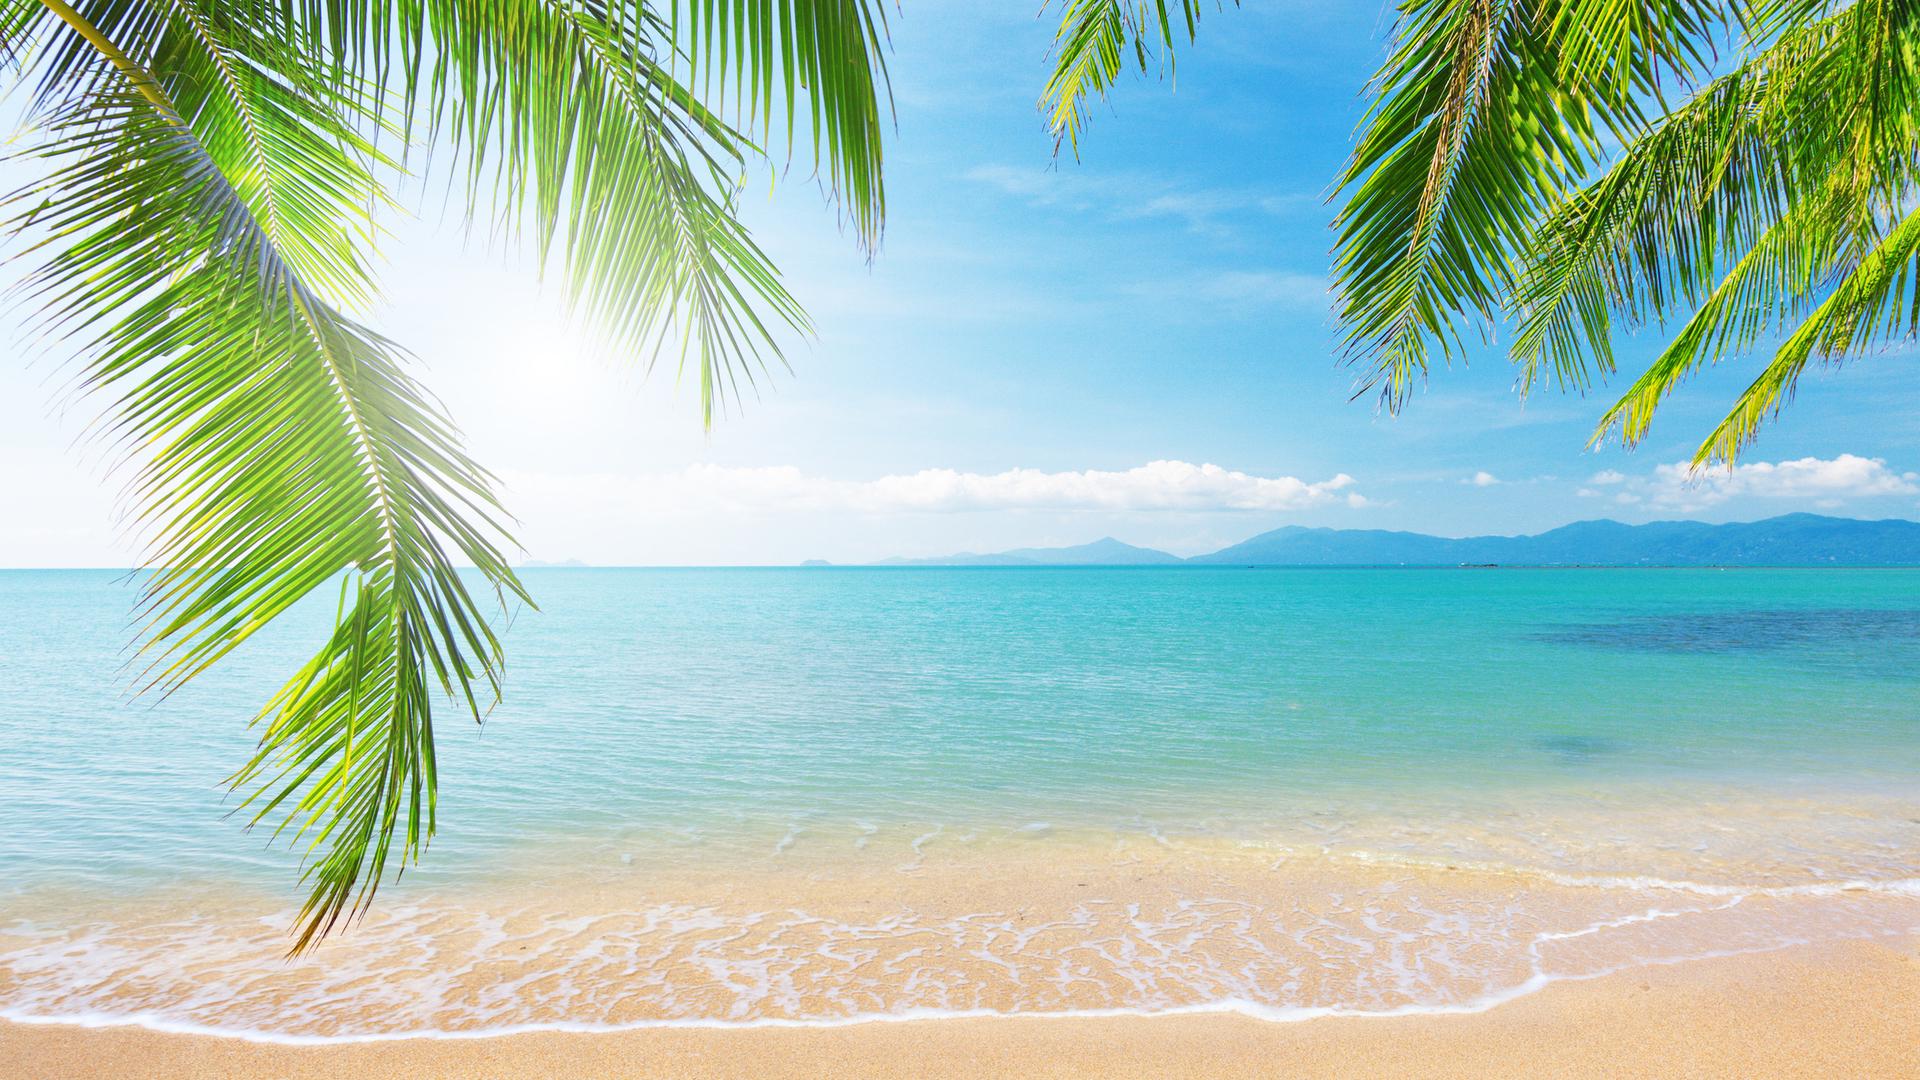 День Молодёжи на пляже был тоже!